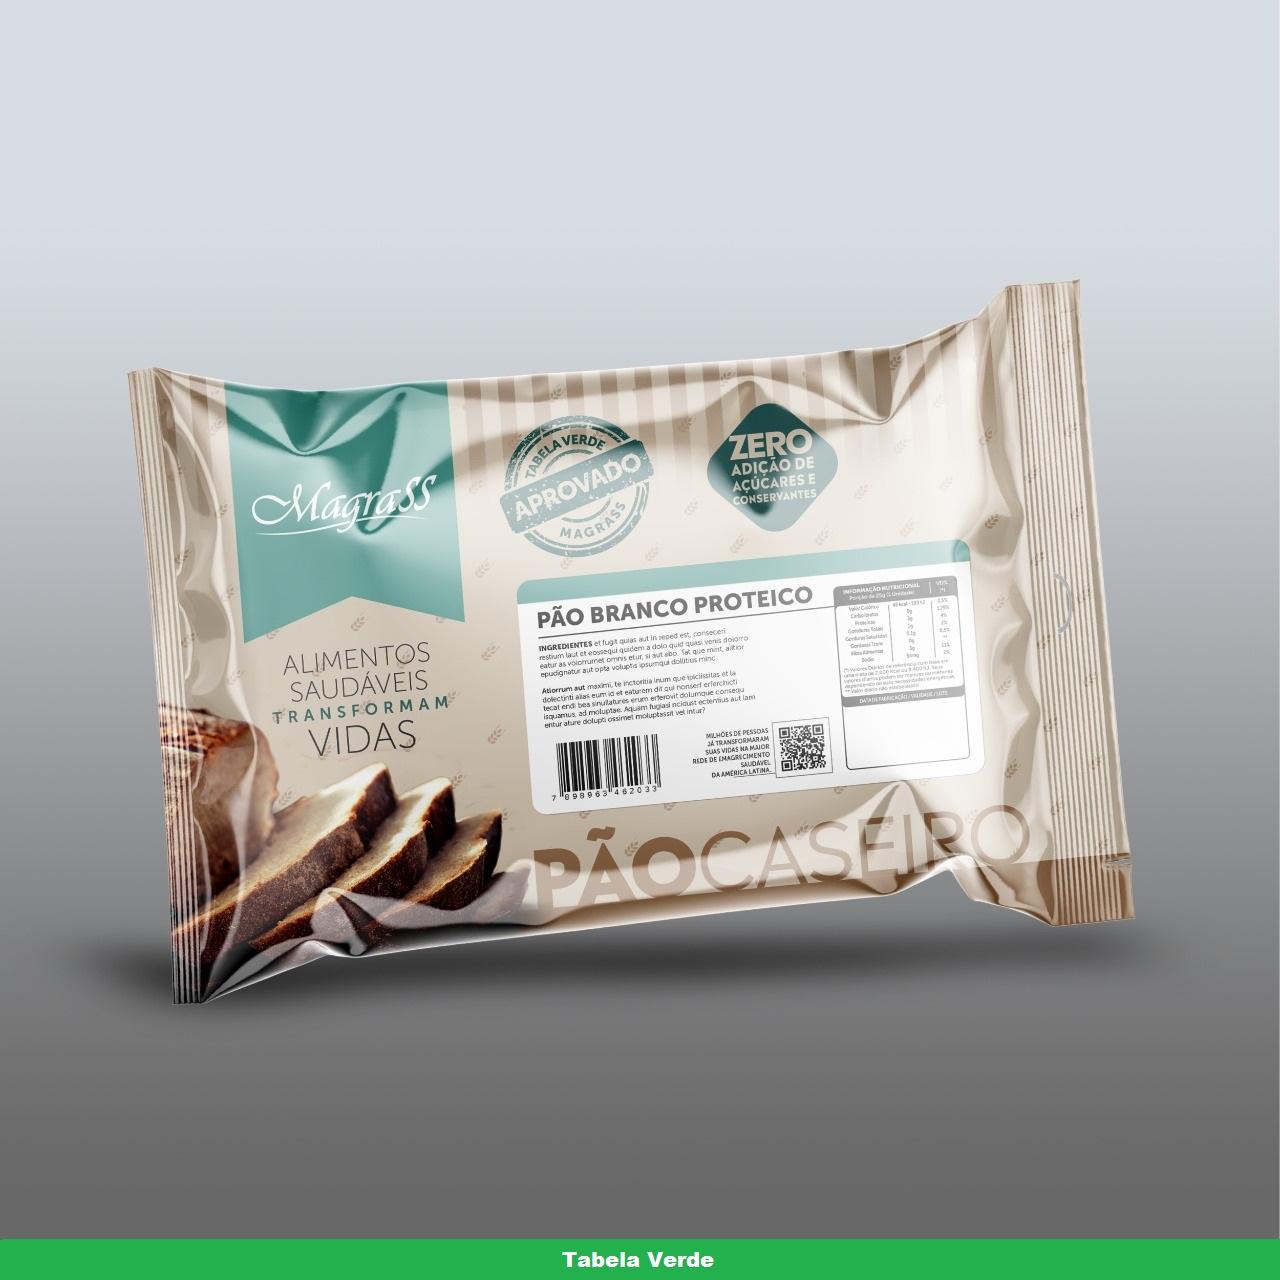 Pão proteico Magrass (site)